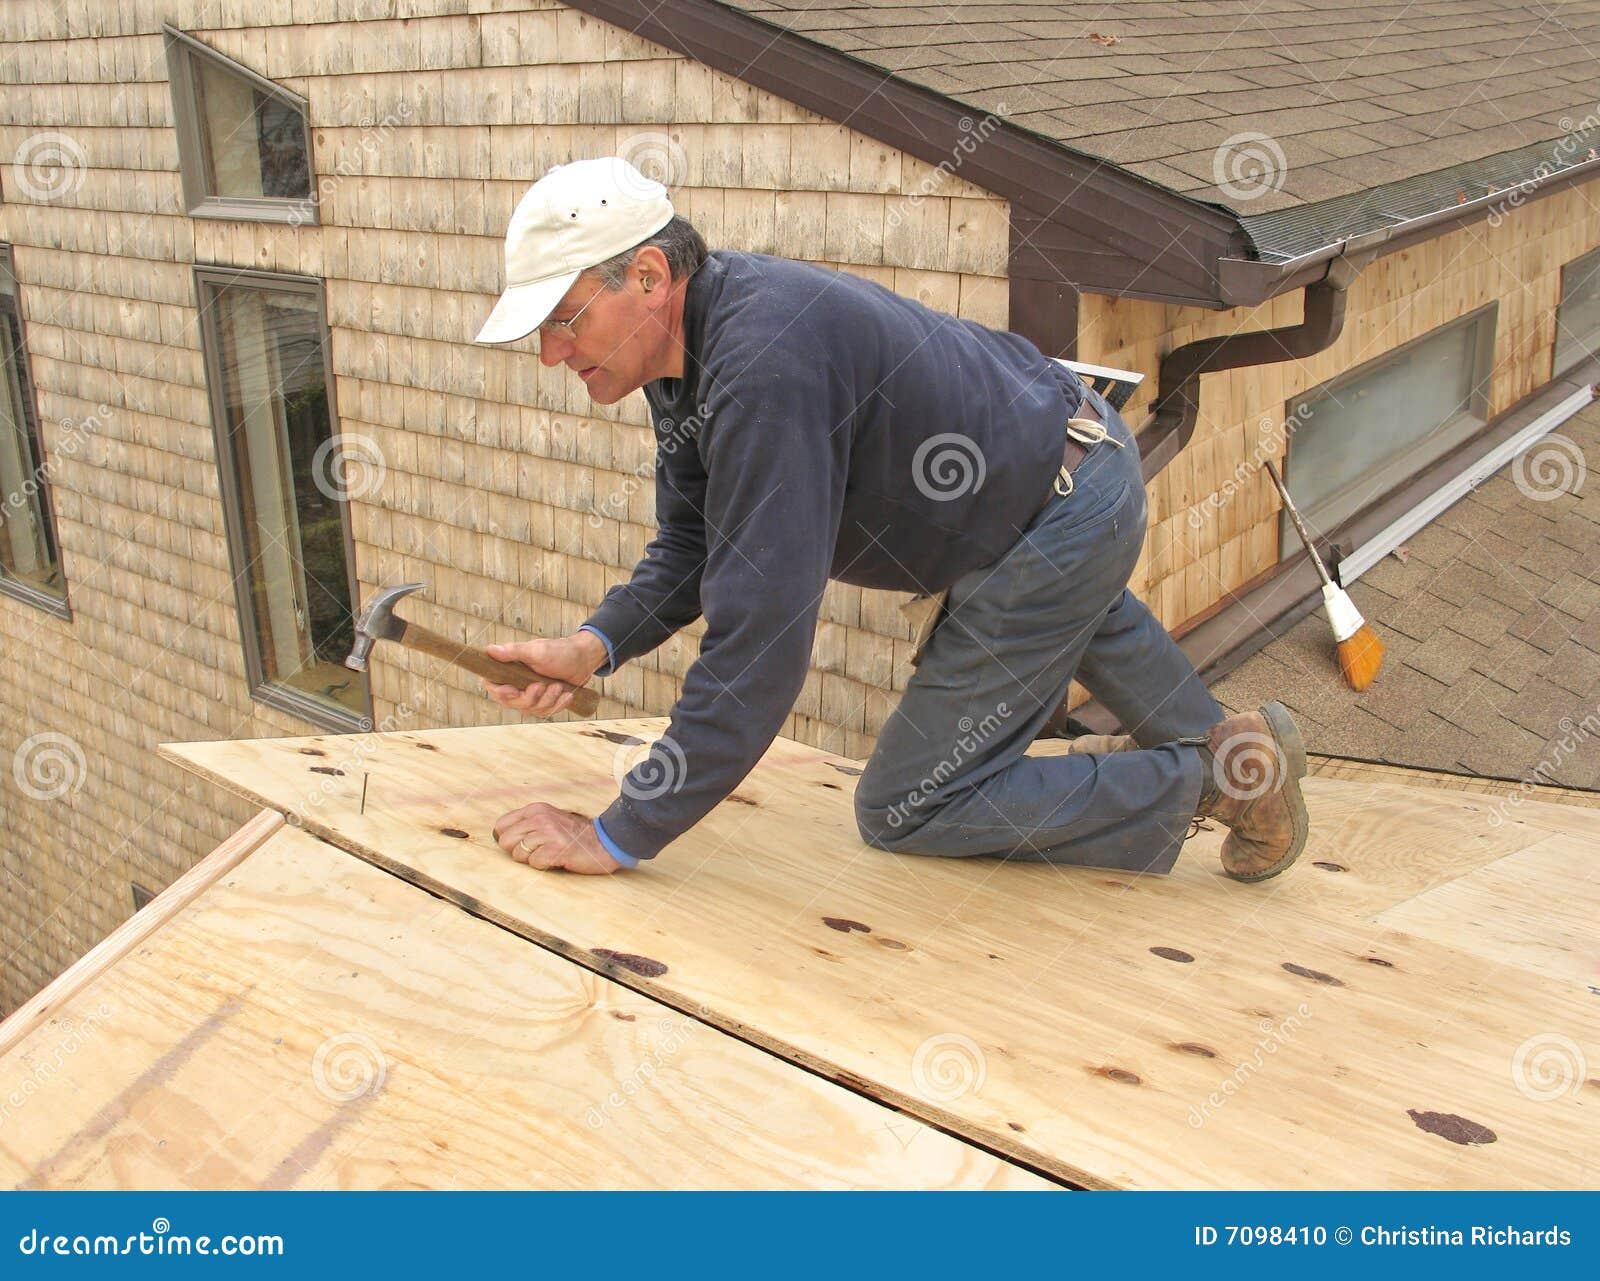 Carpenter Installing Sheathing To Roof Stock Photo Image